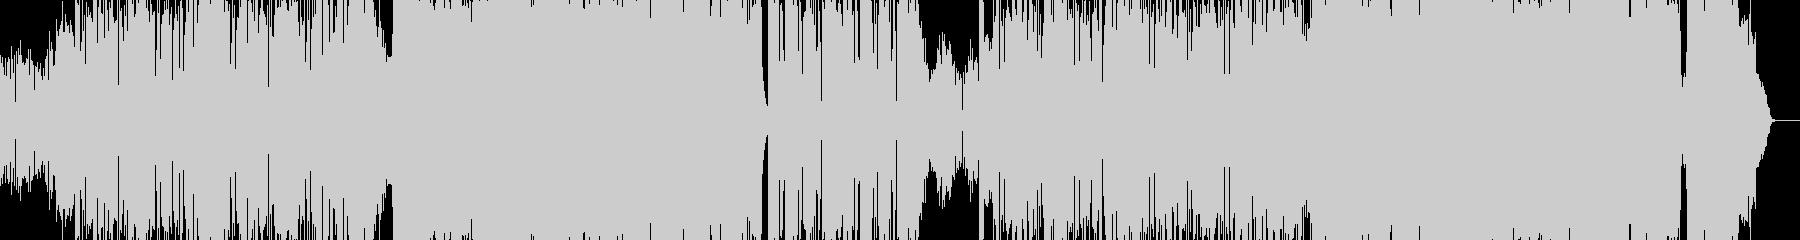 ギターロック メタル デスボイスの未再生の波形